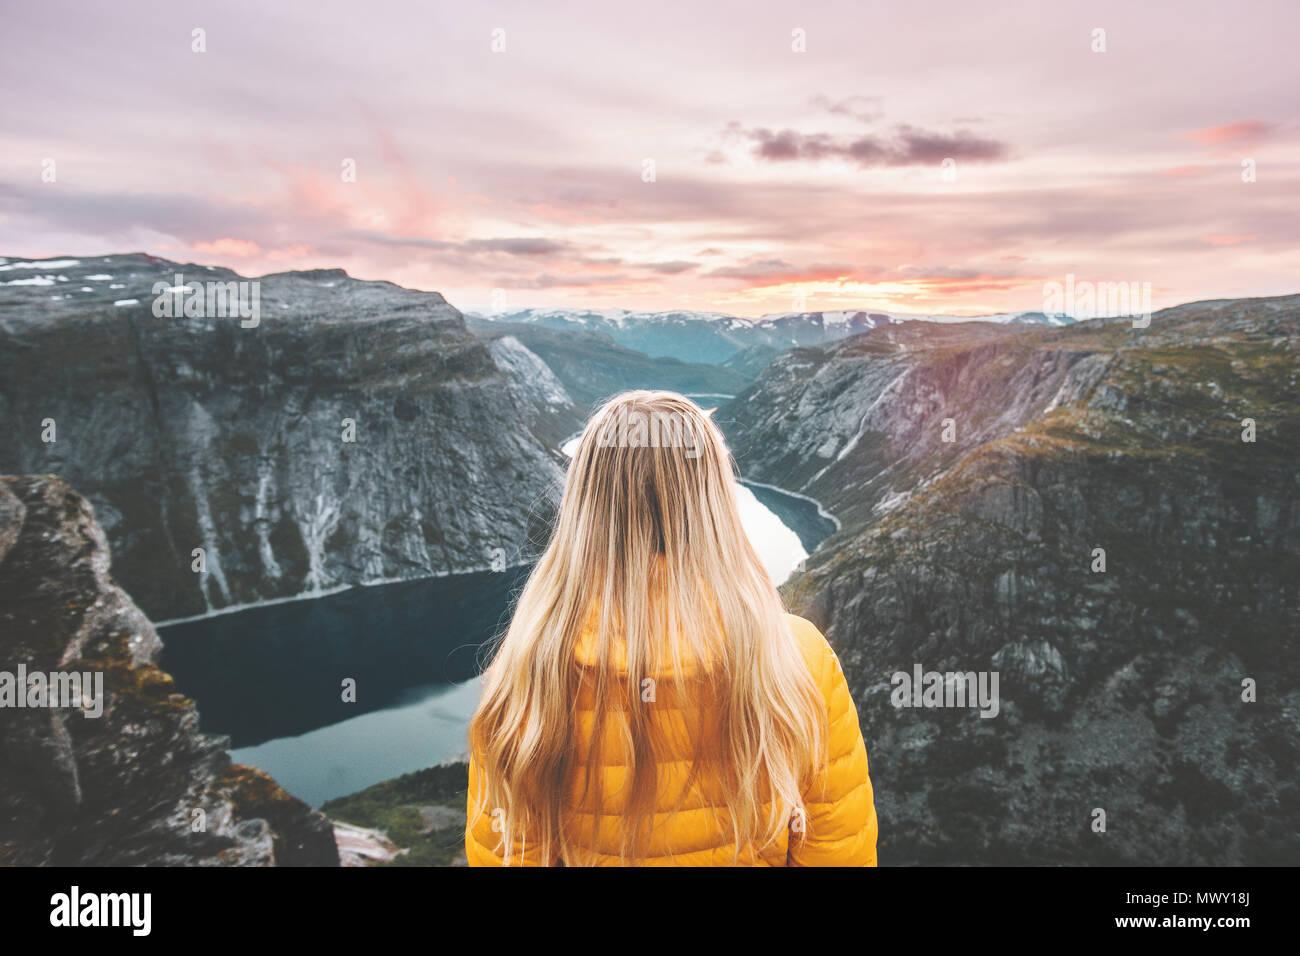 Femme voyageant seule profitant du paysage montagnes coucher de soleil vacances vie voyage aventure aérienne weekend Norvège paysage lac Photo Stock